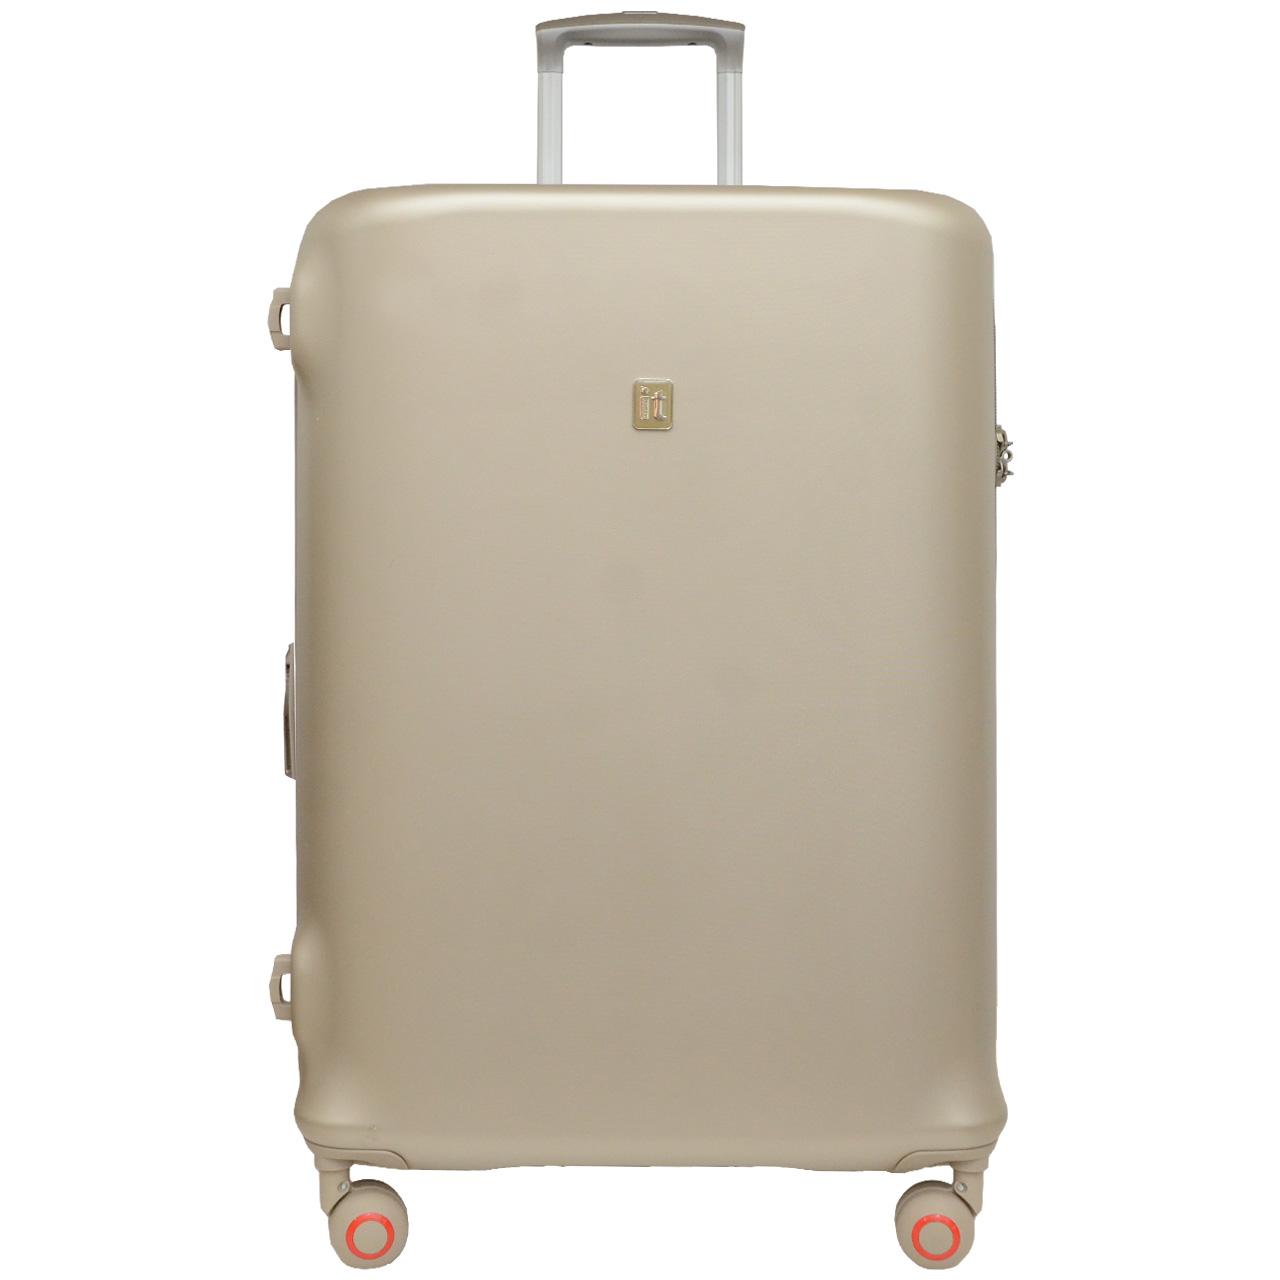 چمدان ای تی مدل urbane سایز متوسط